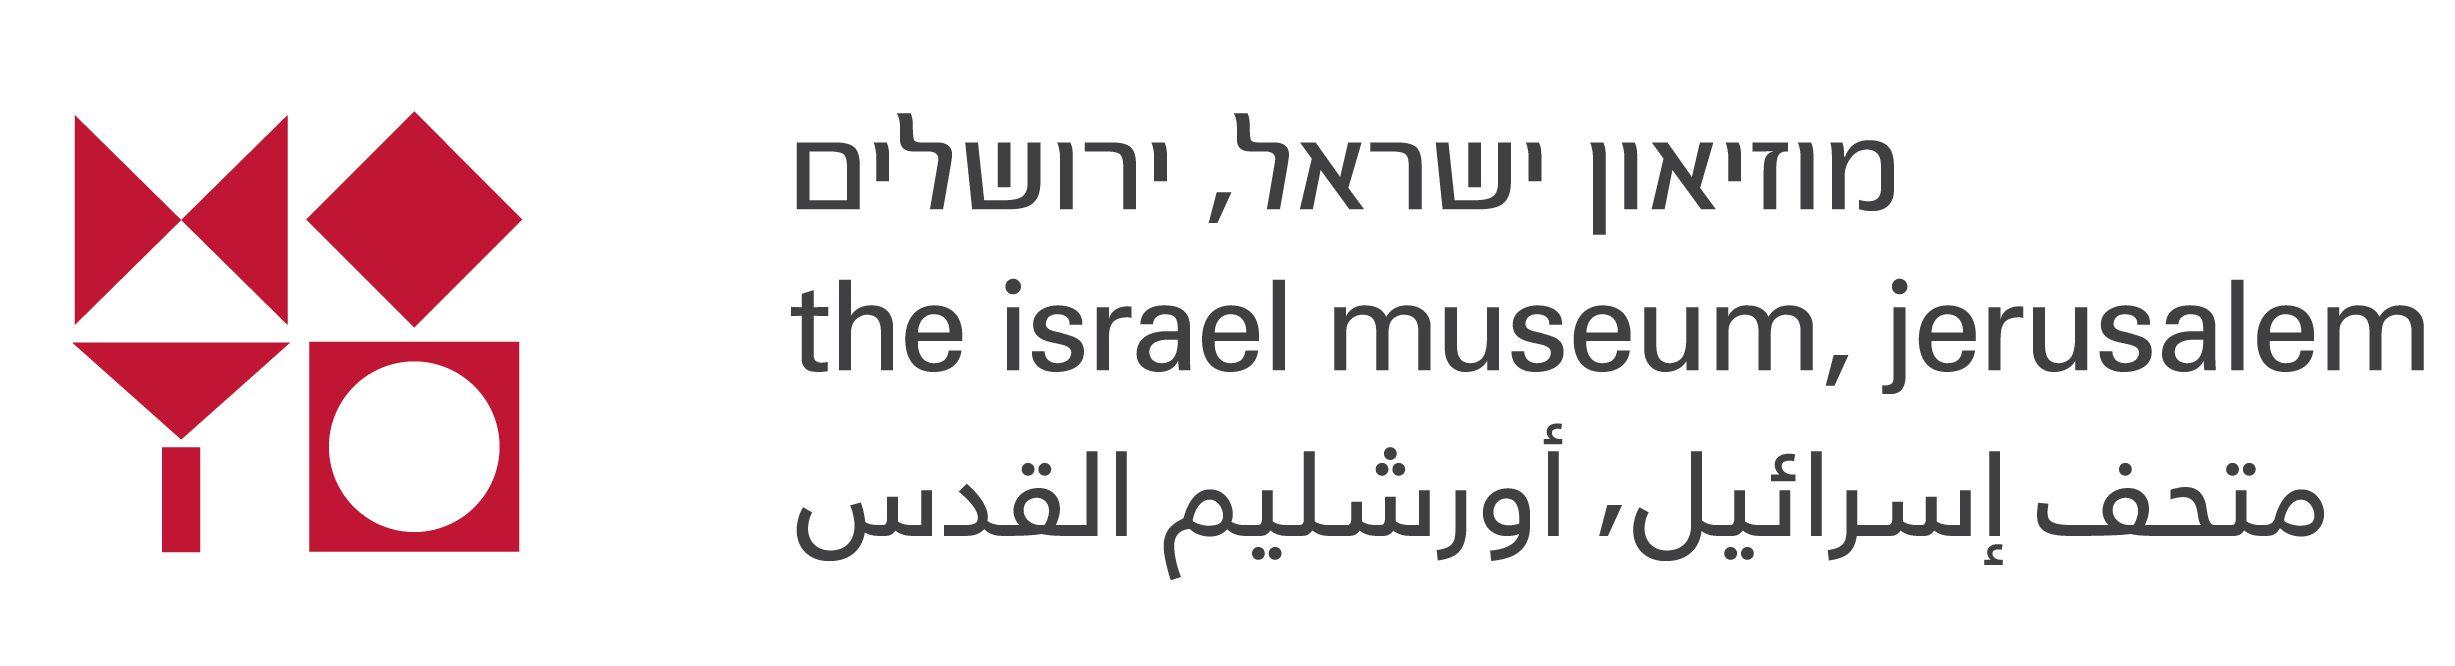 The Israel Museum, Jerusalem (Israel)